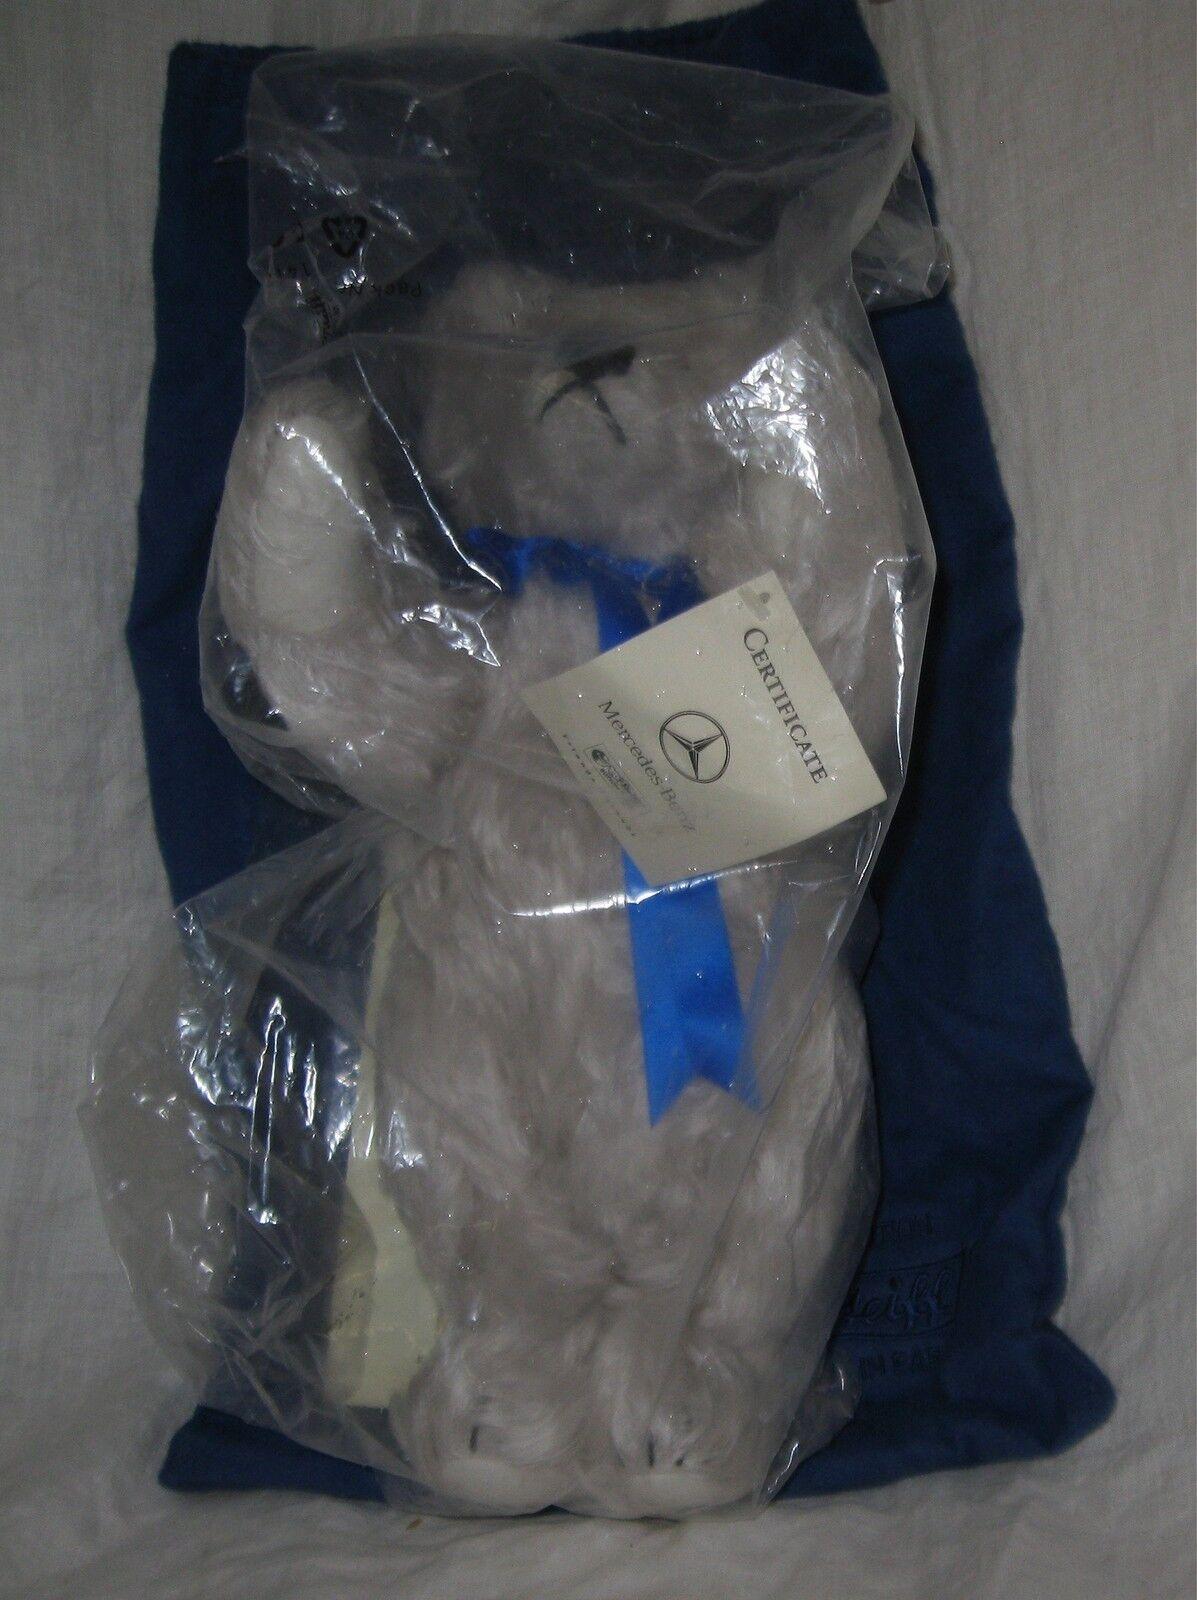 STEIFF 1999 LE Mercedes Benz Bear  665837, Jointed, Growler, Cloth Borsa, 13   NOS